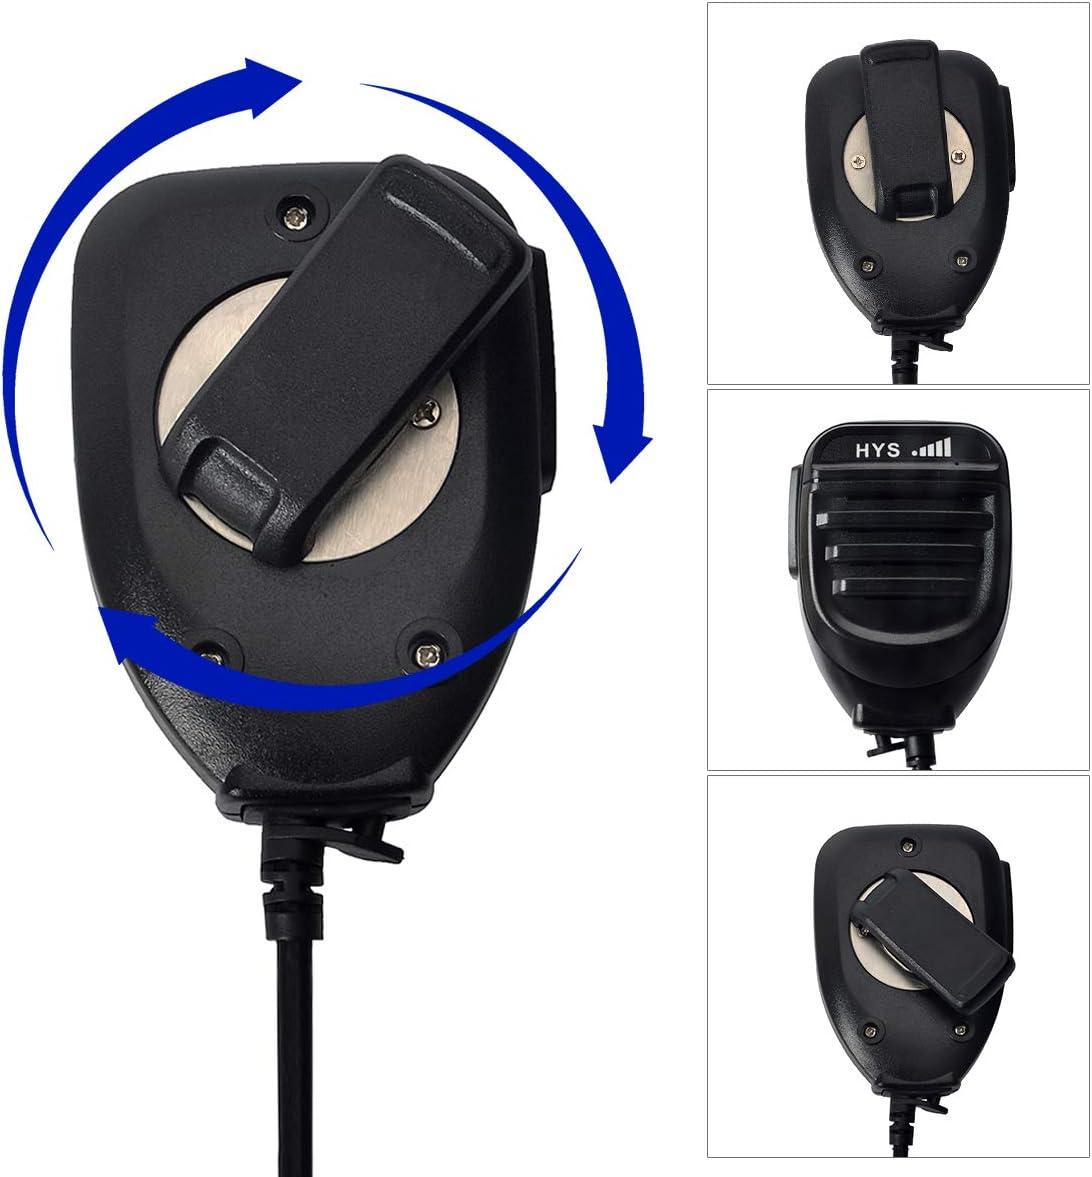 HYS Walkie Talkie Handheld Speaker Mic Shoulder Microphone for Baofeng UV3R BF-T1 BF-T6 2-Way Radio Walkie-Talkie